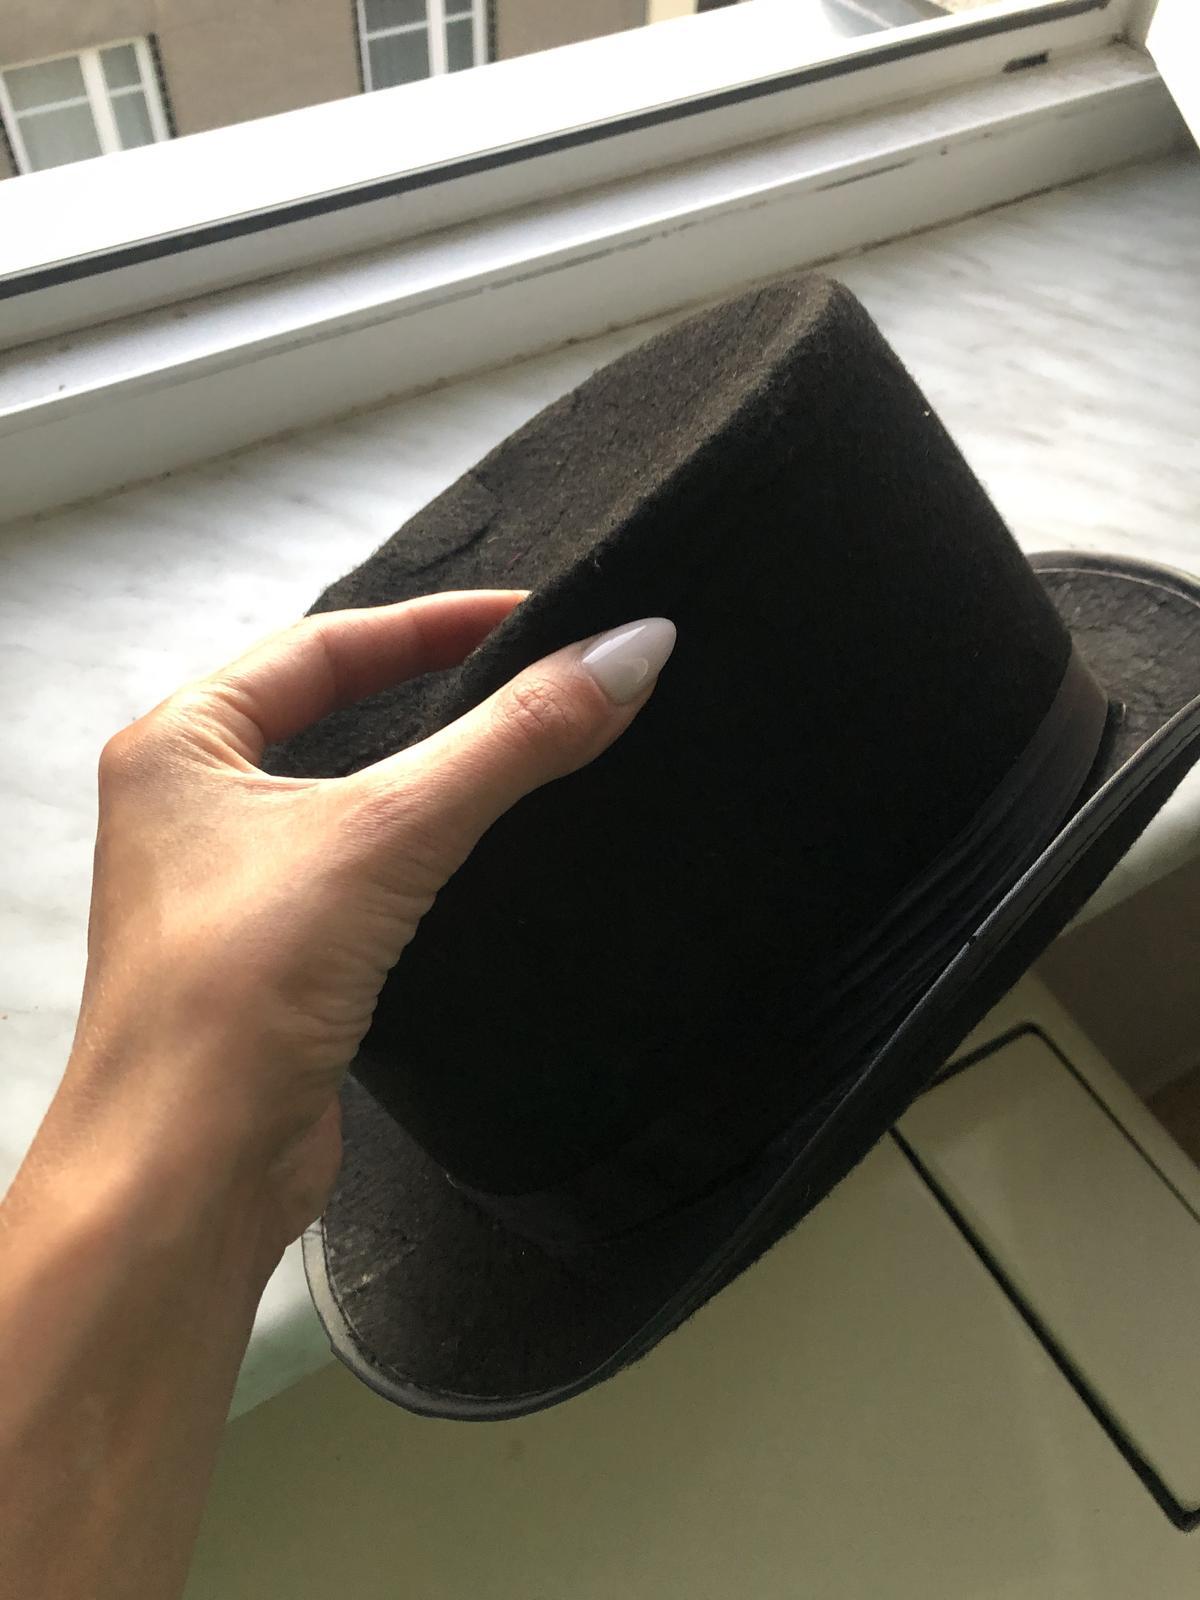 černý klobouk - Obrázek č. 1